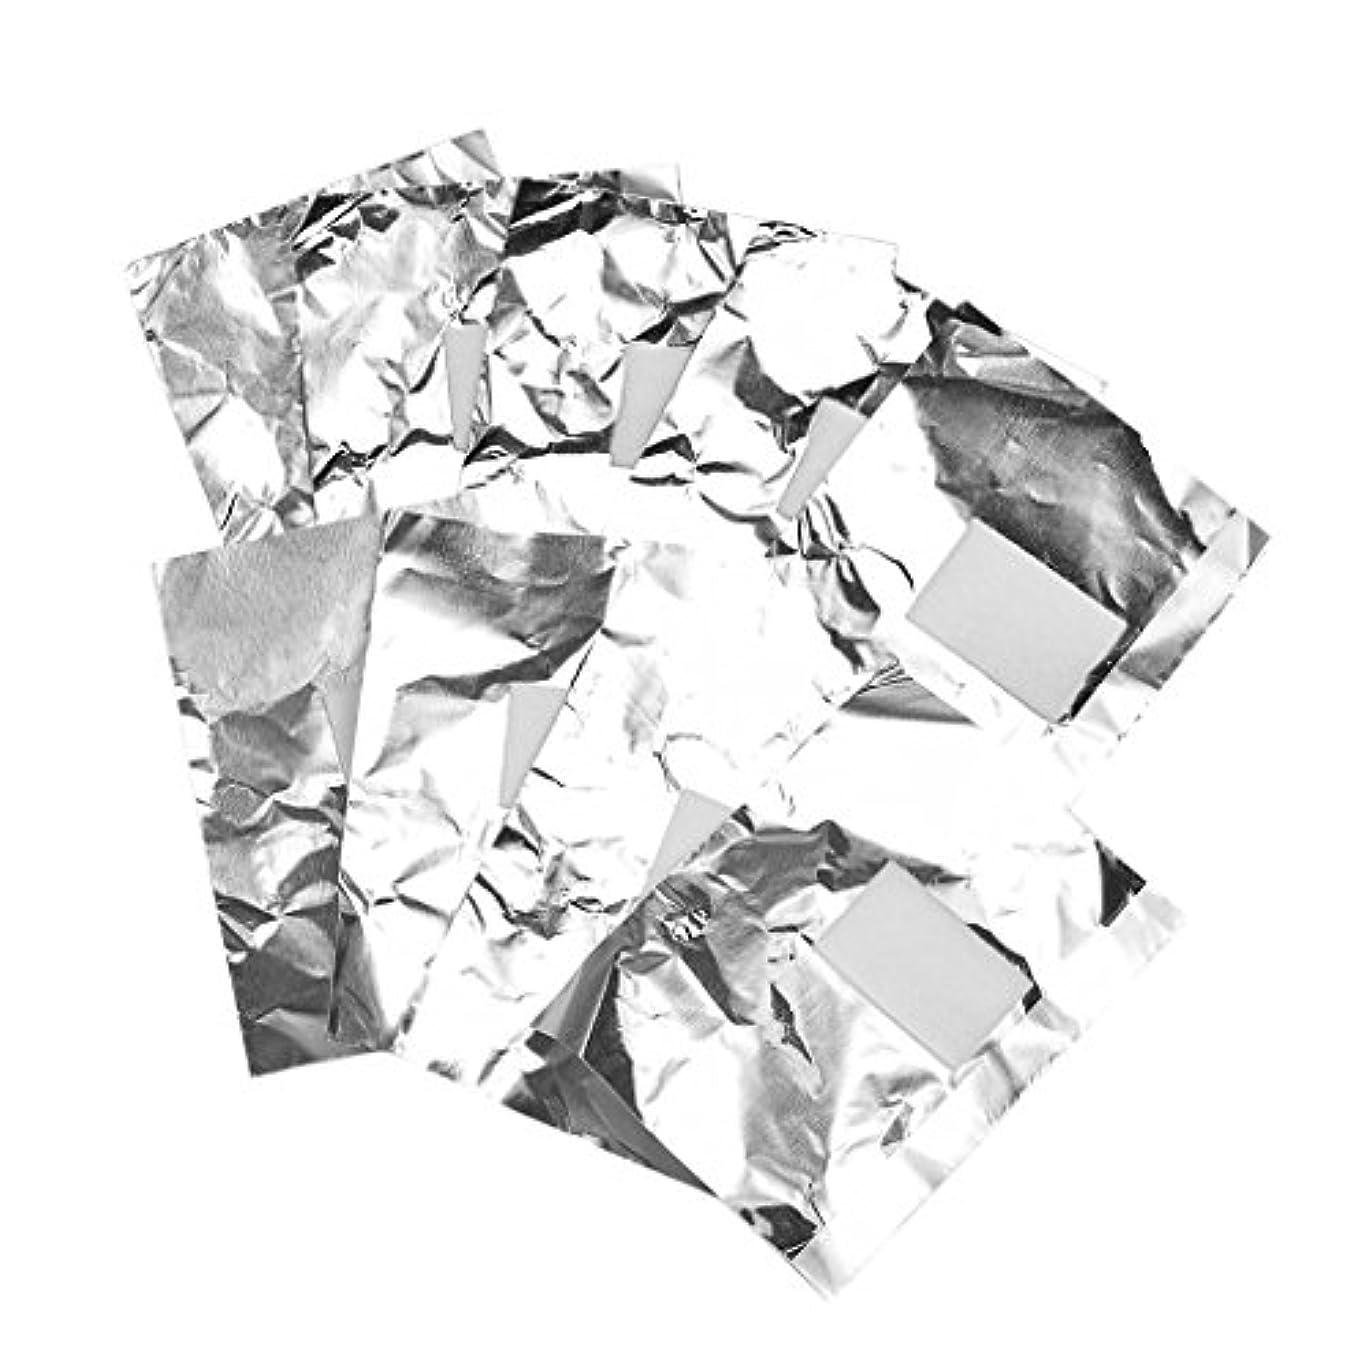 覗く食事ユーザー約100枚 ジェル除却 ネイルアート 錫箔紙 のり除却可能 ネイルオイル クリーナーツール 爪装飾除き 包み紙